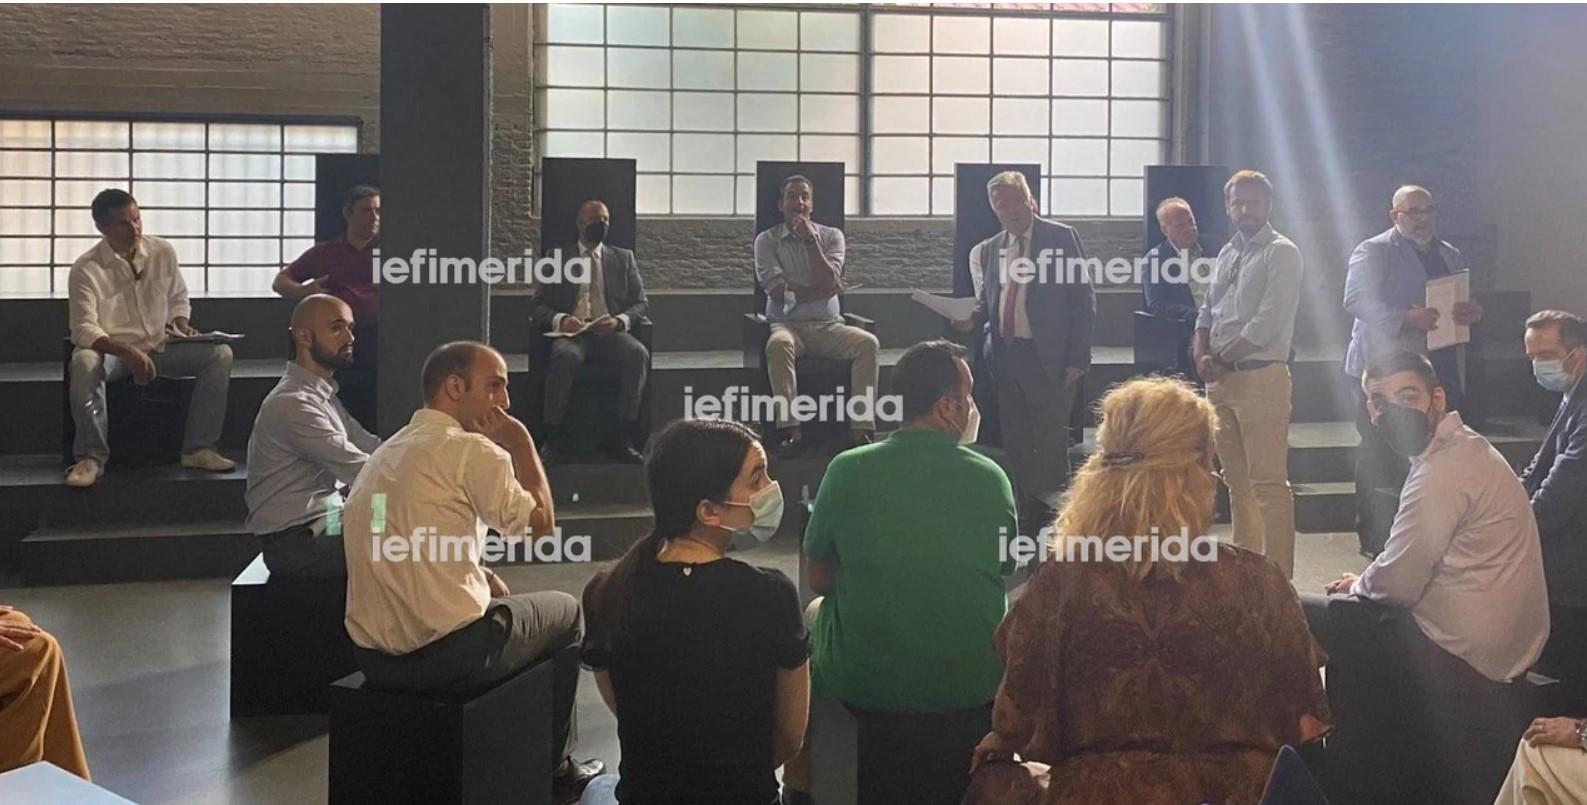 30 δικηγόροι από τα δικαστικά έδρανα στο… θεατρικό σανίδι